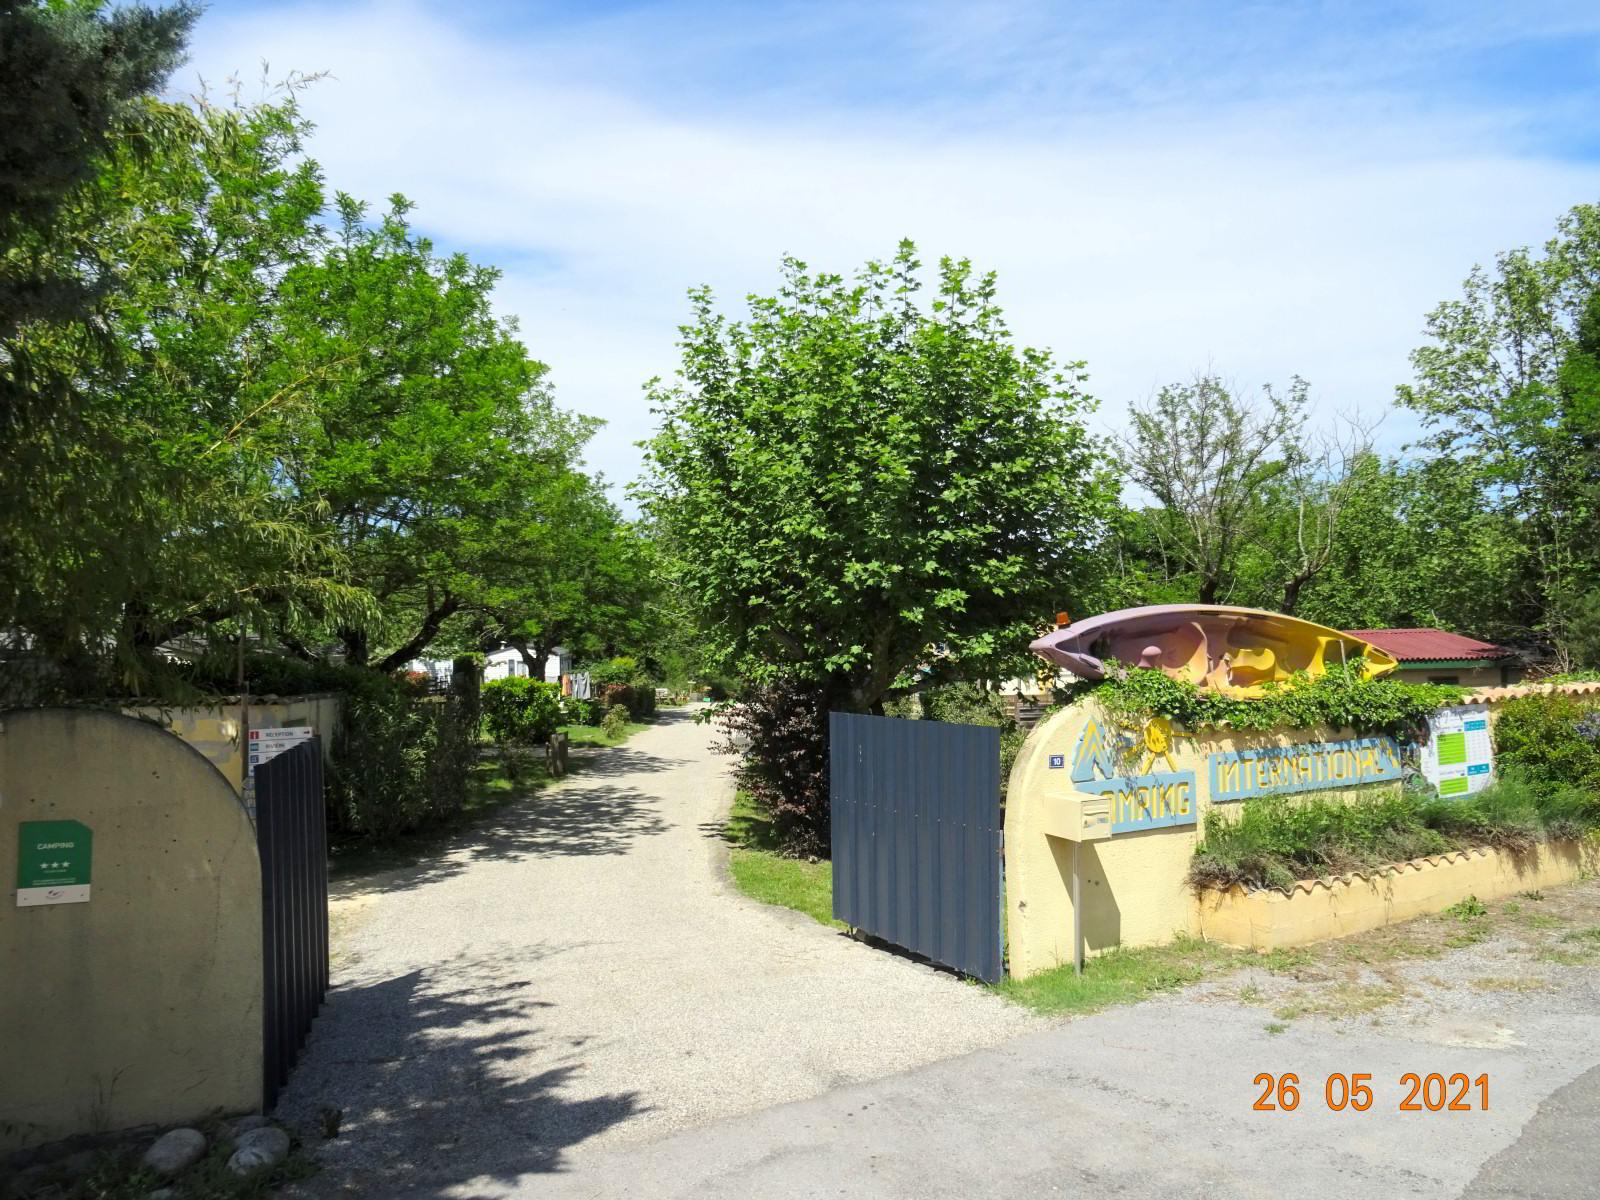 Eingang zum Campingplatz